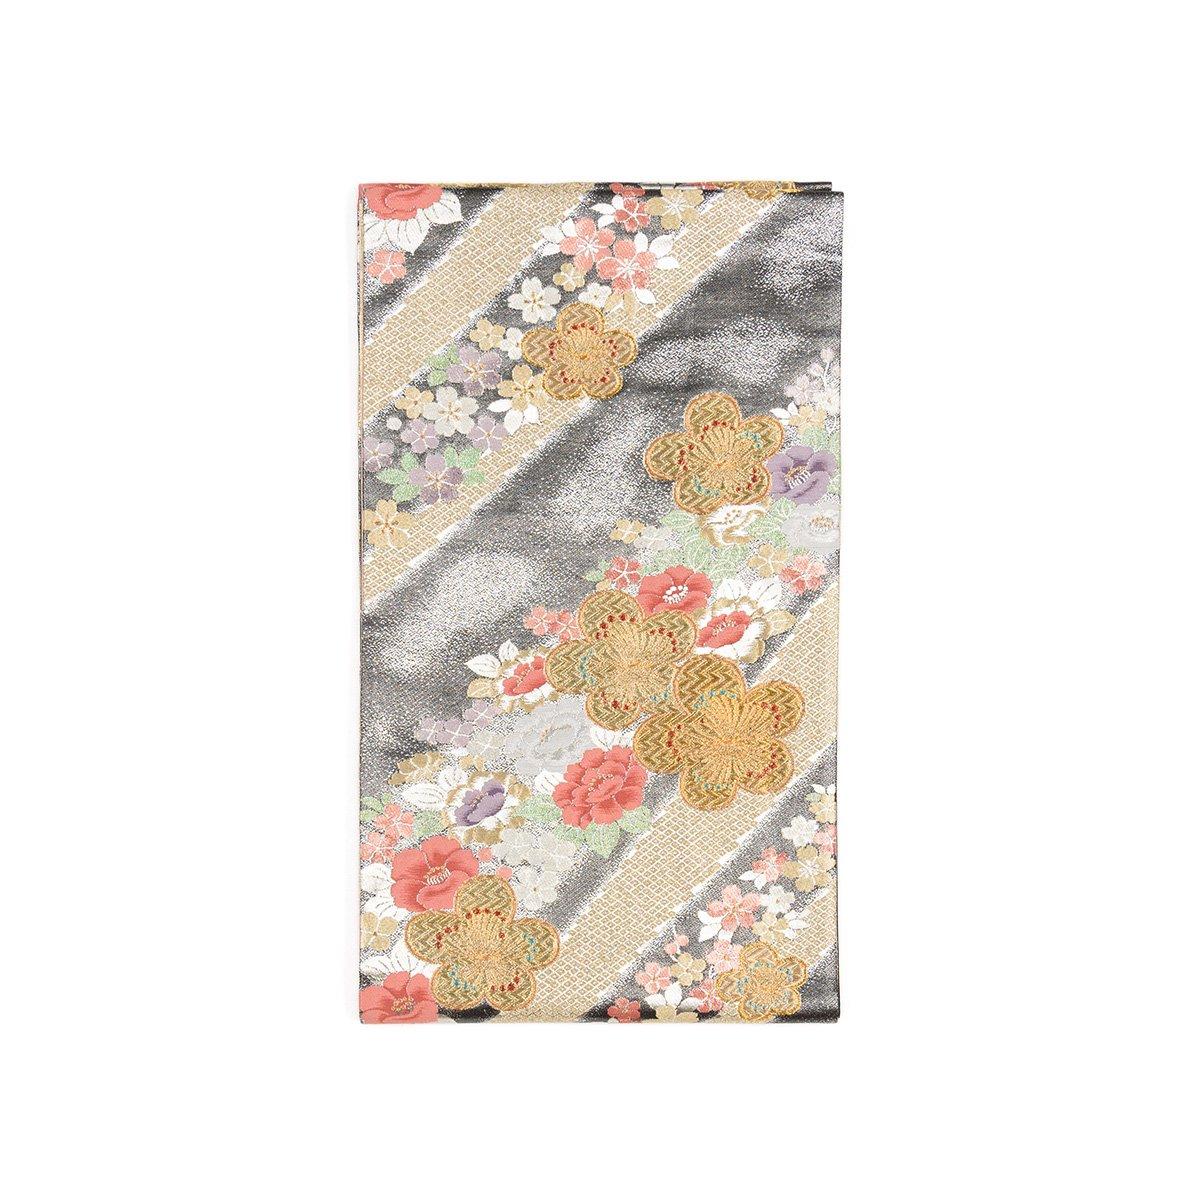 「袋帯●金の梅に桜と椿」の商品画像